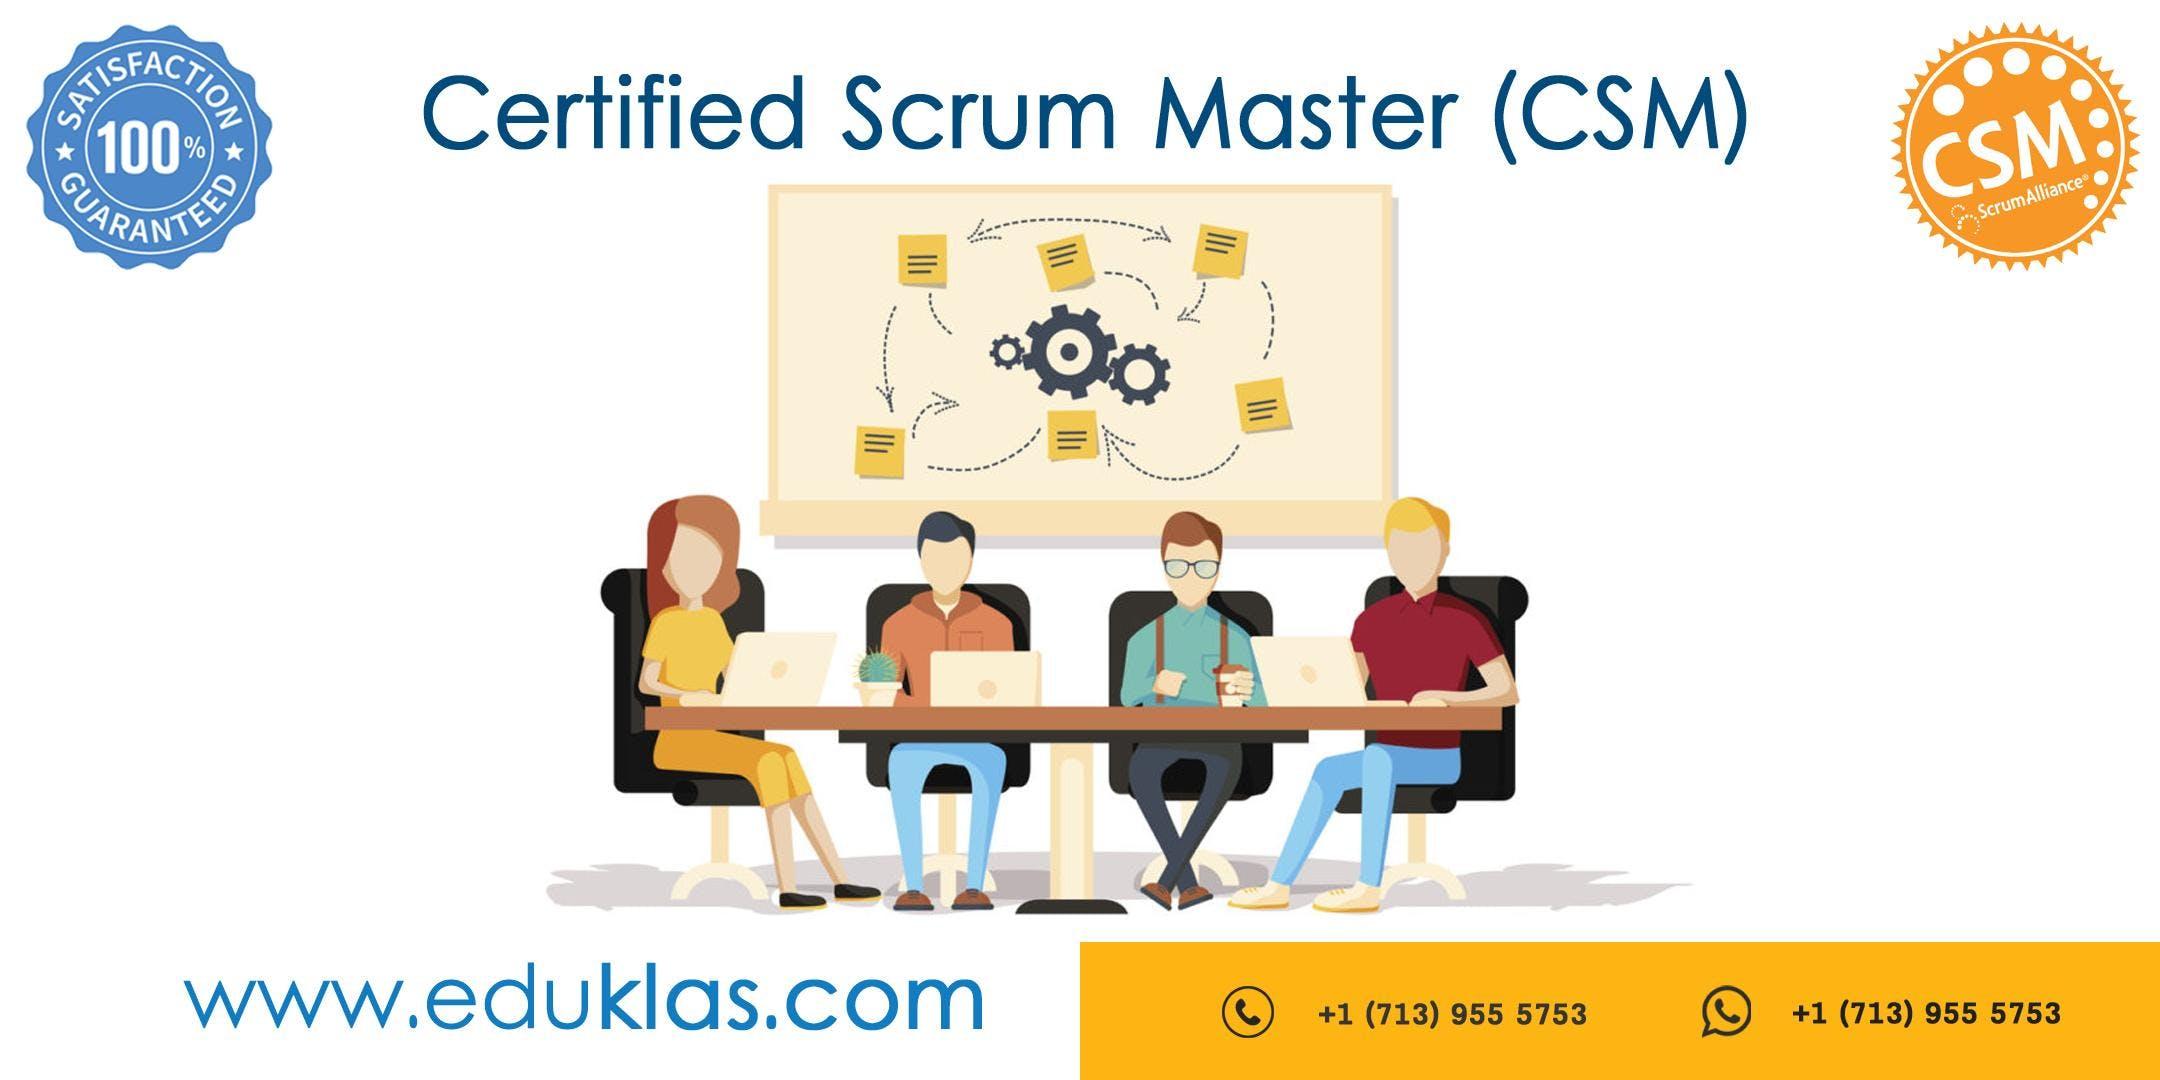 Scrum Master Certification | CSM Training | C